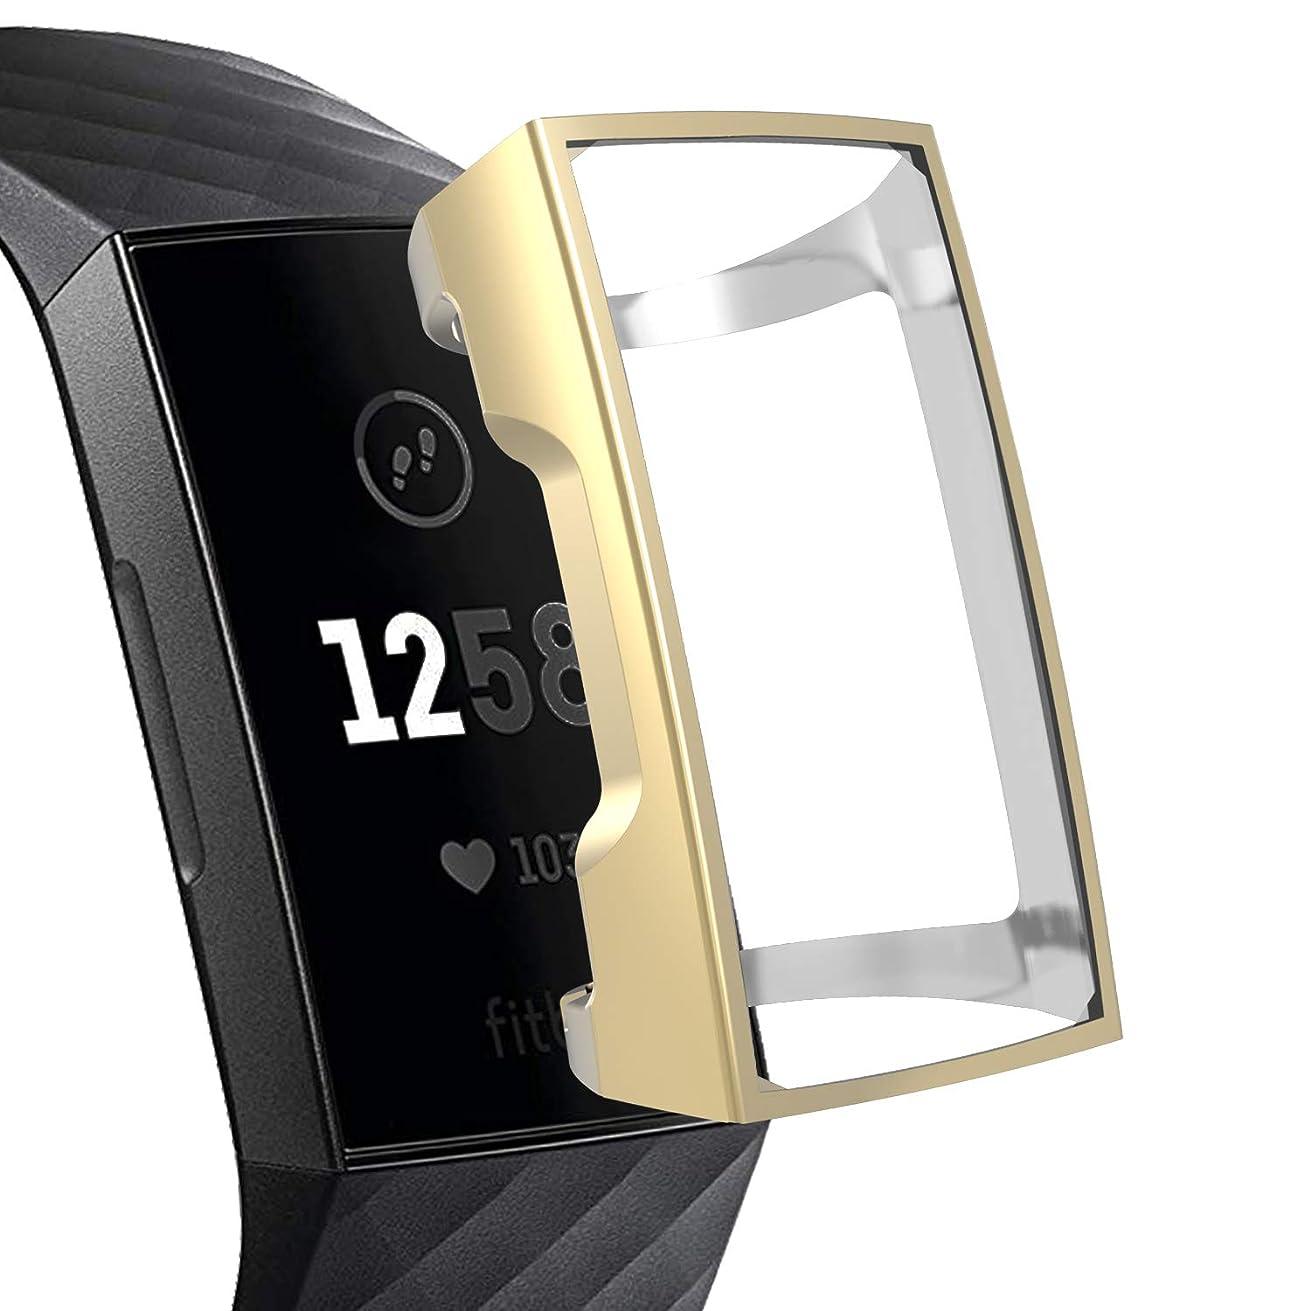 鉄道駅あいさつチップXIHAMA For Fitbit Charge3 保護カバー スクリーン全面保護ケース TPU素材 フレーム メッキ加工 腕時計カバー 耐衝撃 (ゴールド)